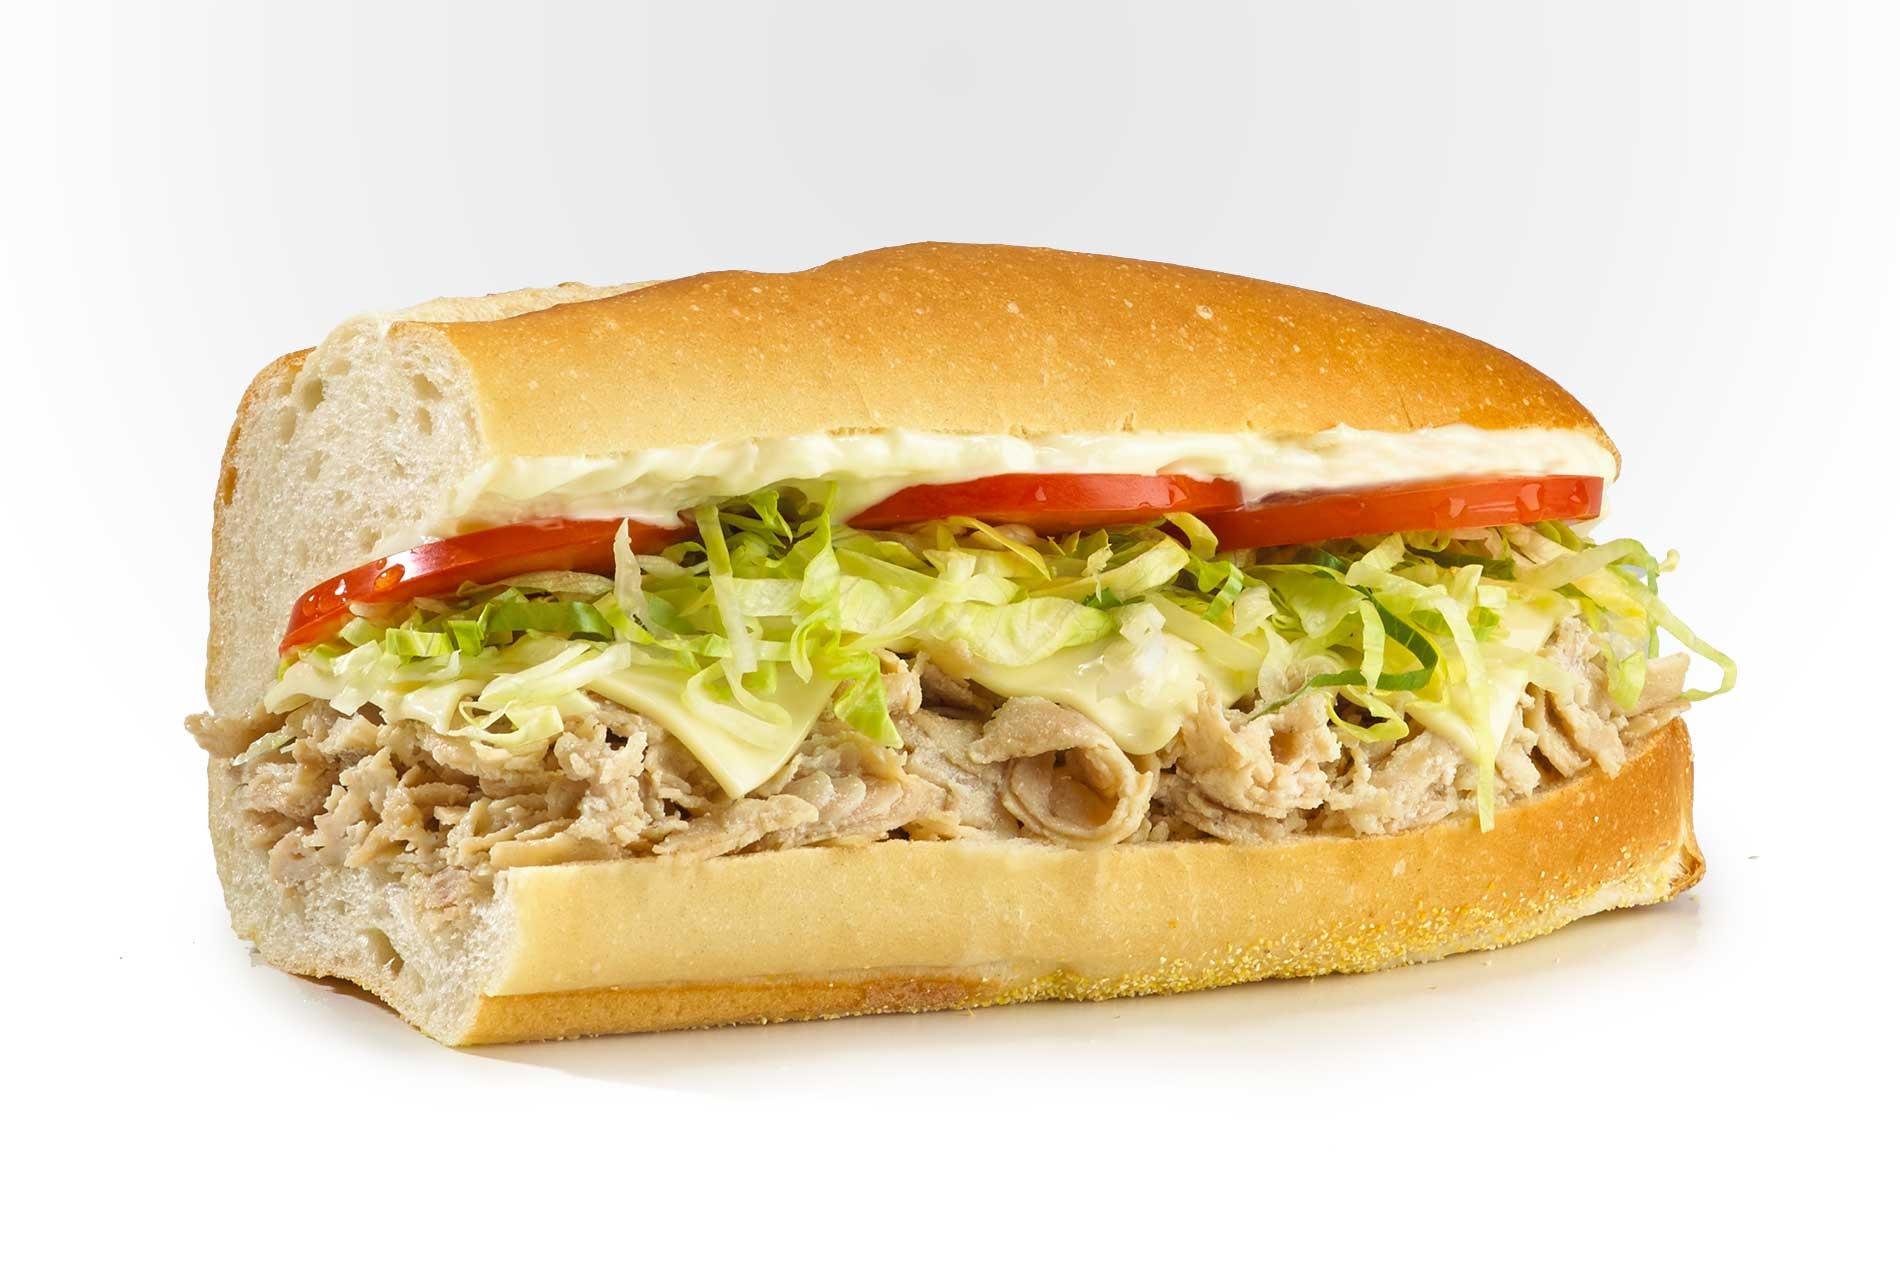 ساندویچ مرغ با چرخ گوشت مولینکس